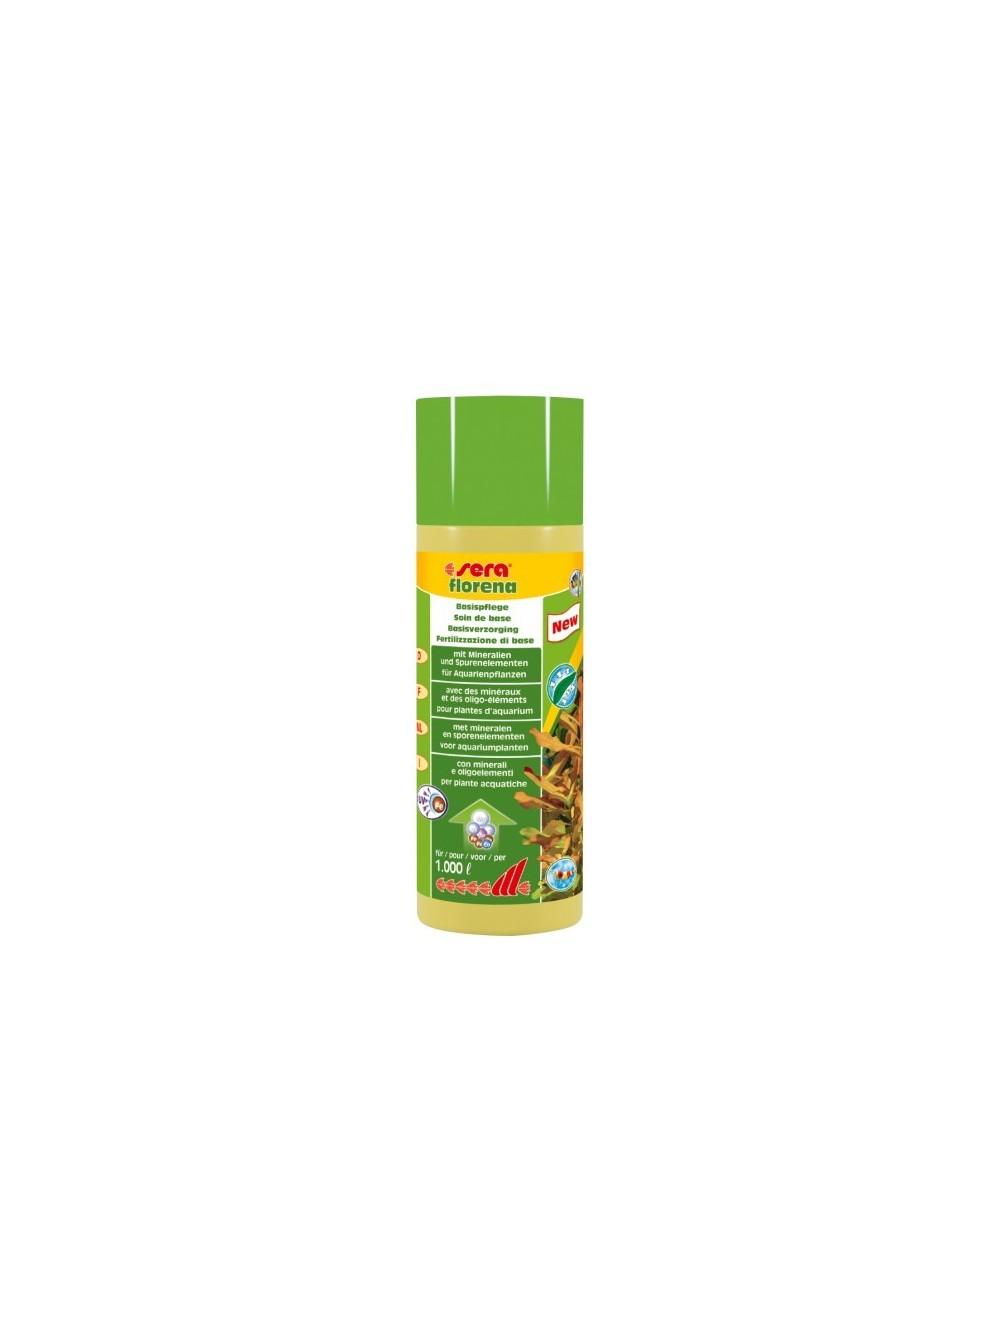 Fertilizzante Per Piante : Sera florena fertilizzante per piante aquazoomania shop